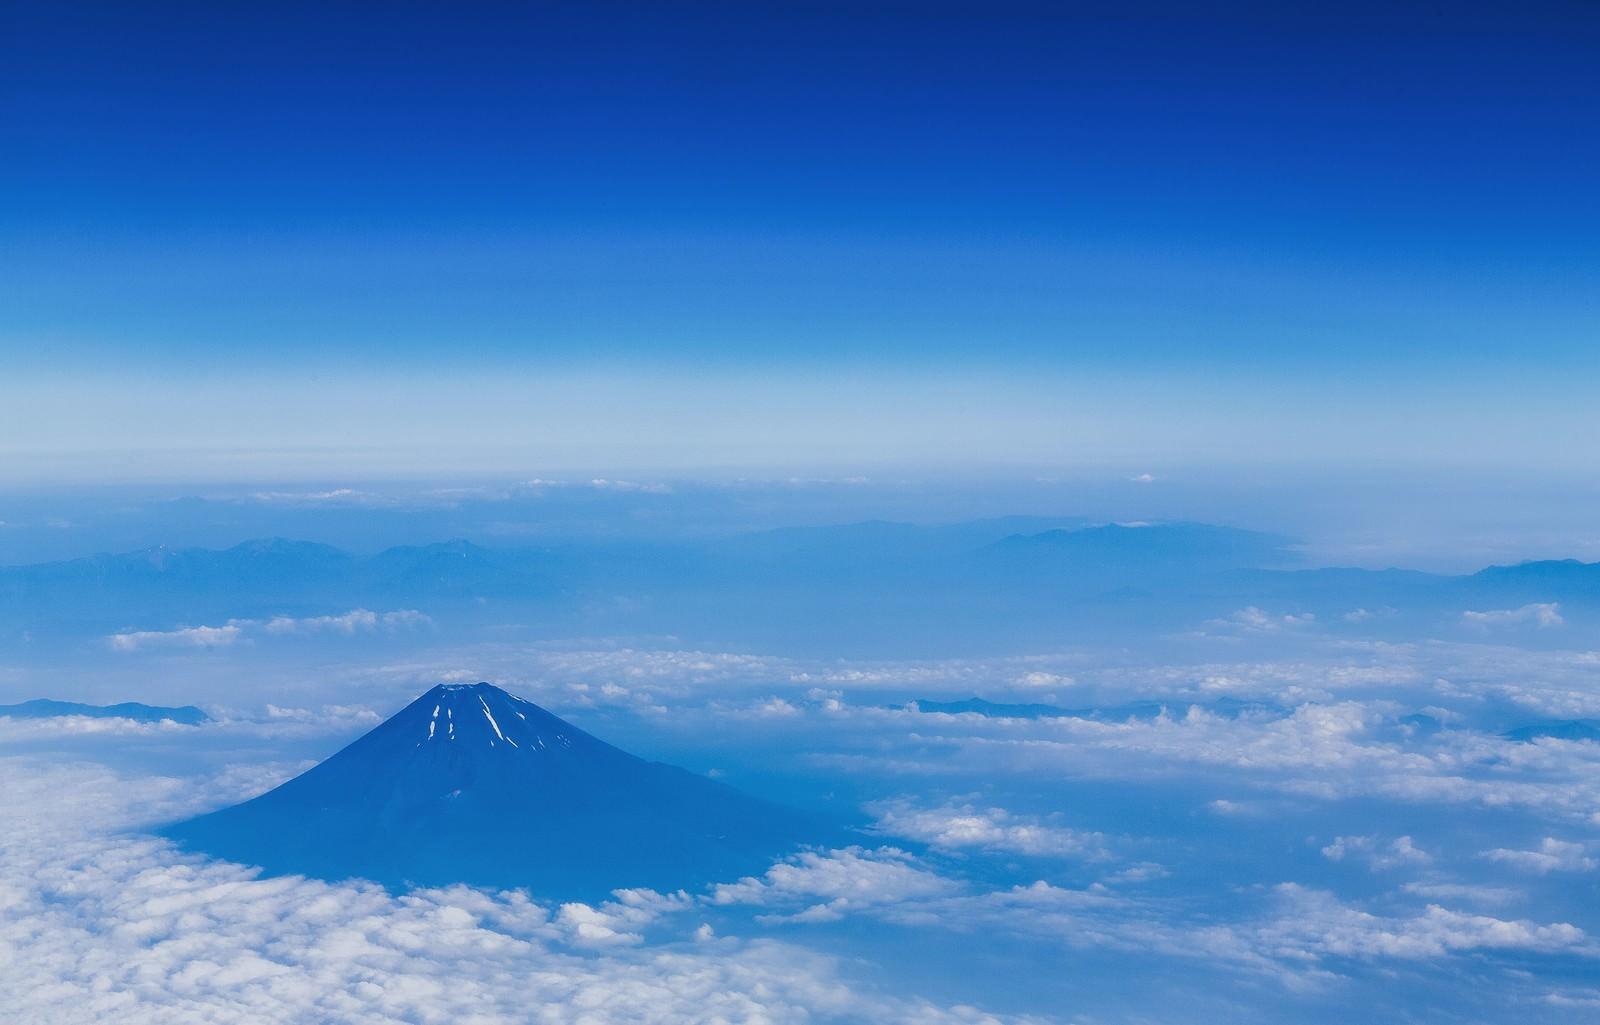 「上空から雪解けの富士山(夏)」の写真